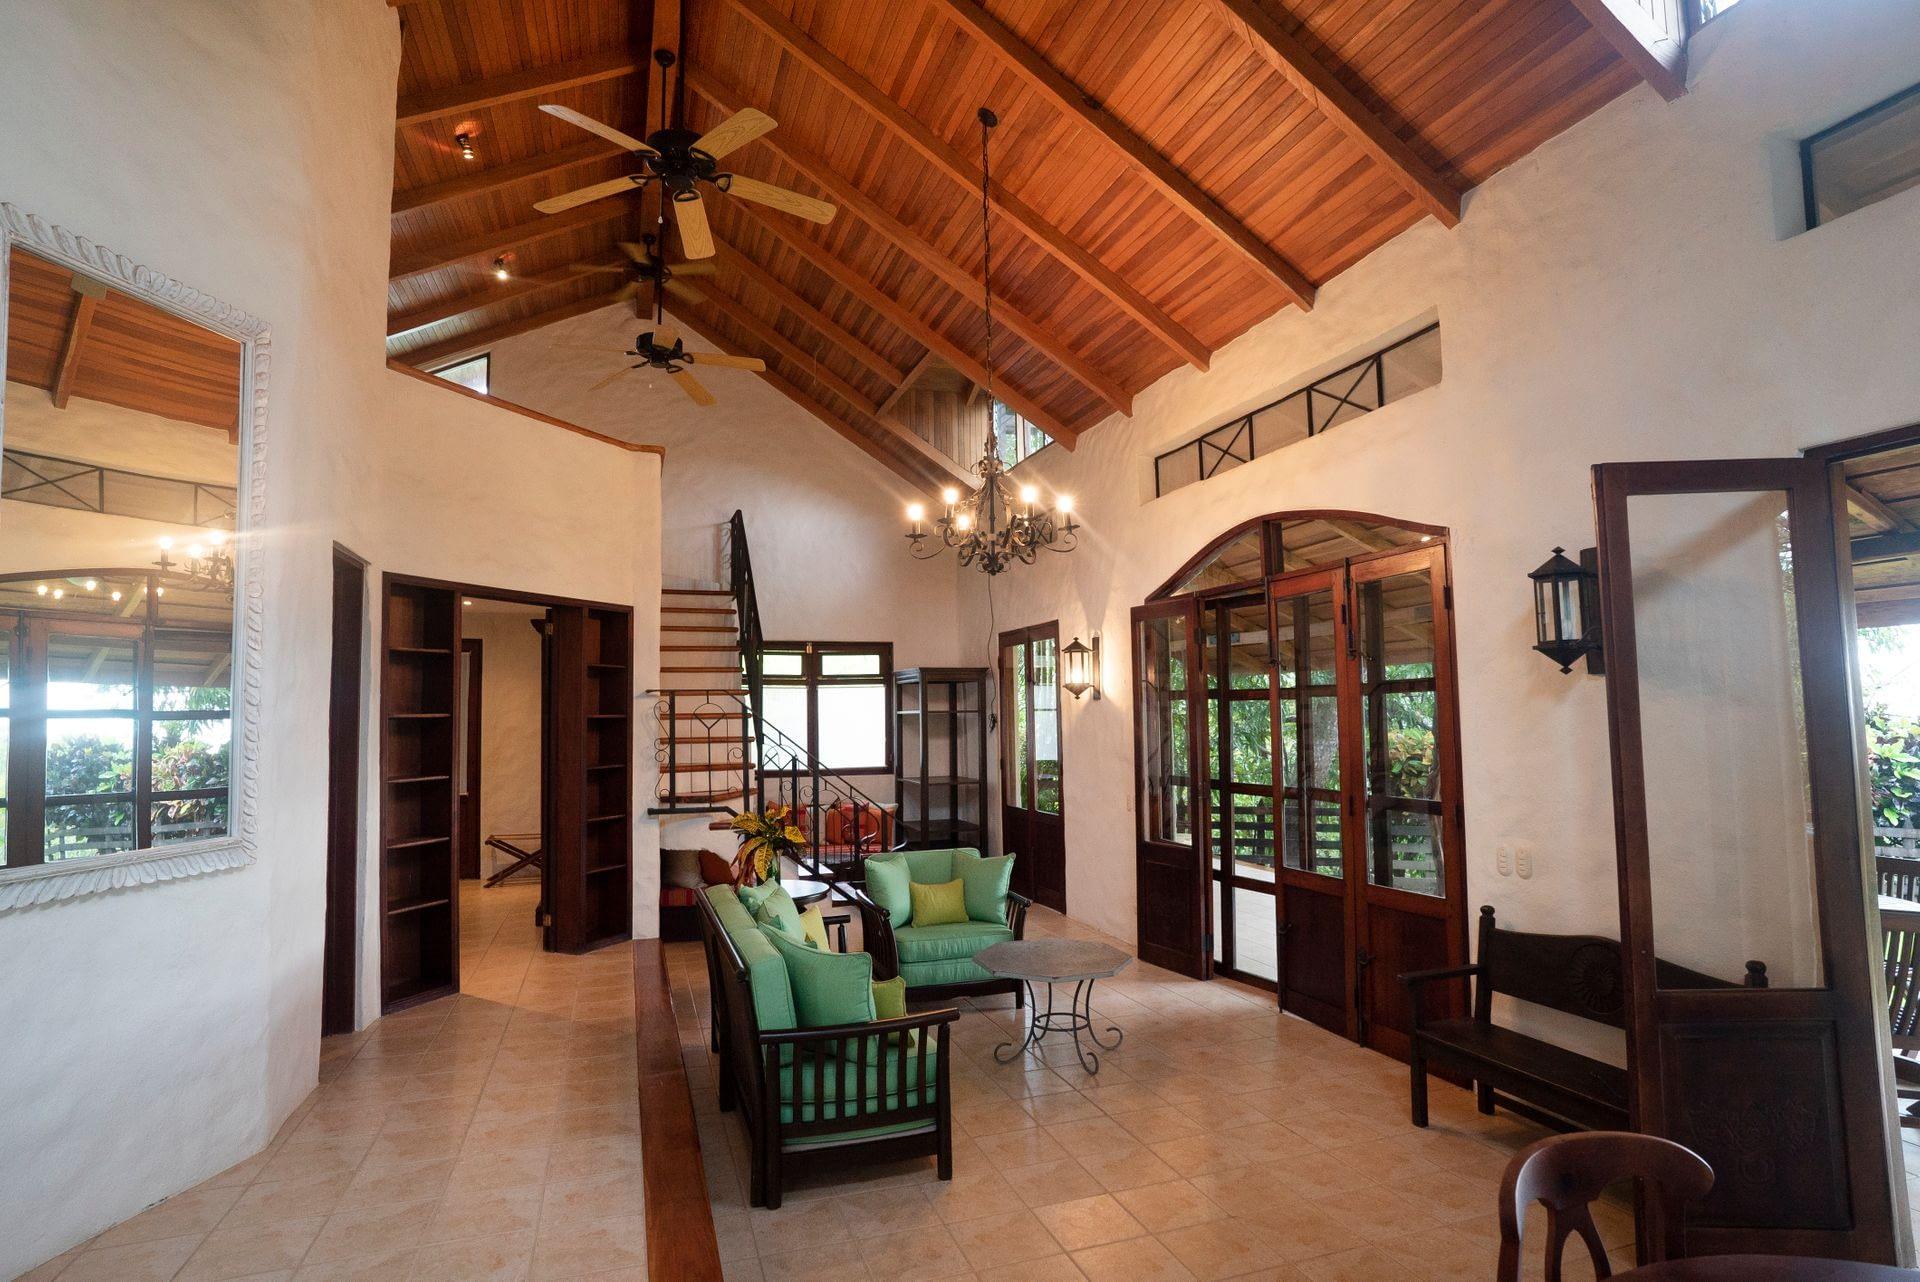 Casa Dorada Hacienda Barrigona Samara